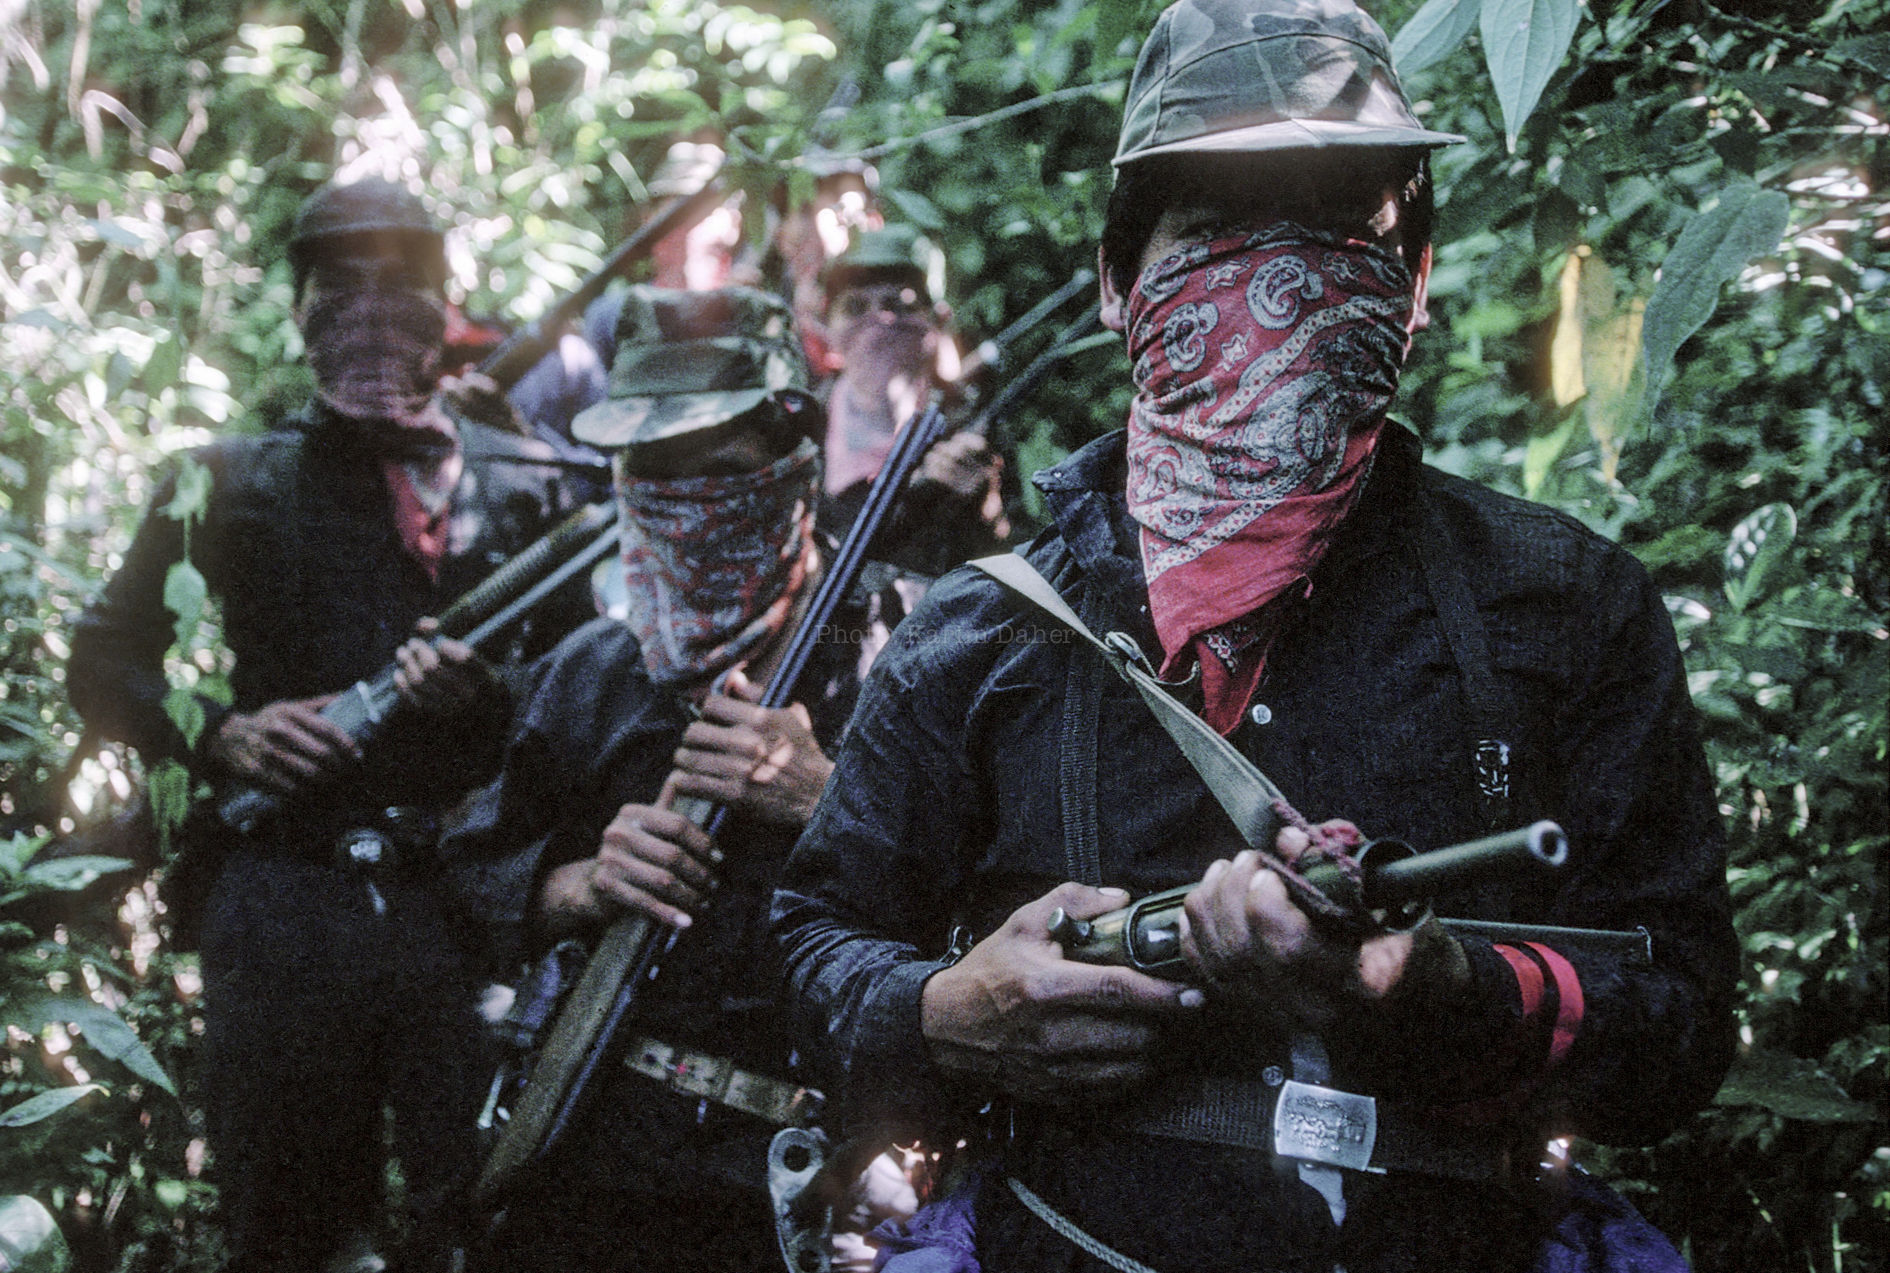 Mexique, Chiapas,1994. Membres de l'EZLN du sous commandant Marcos.